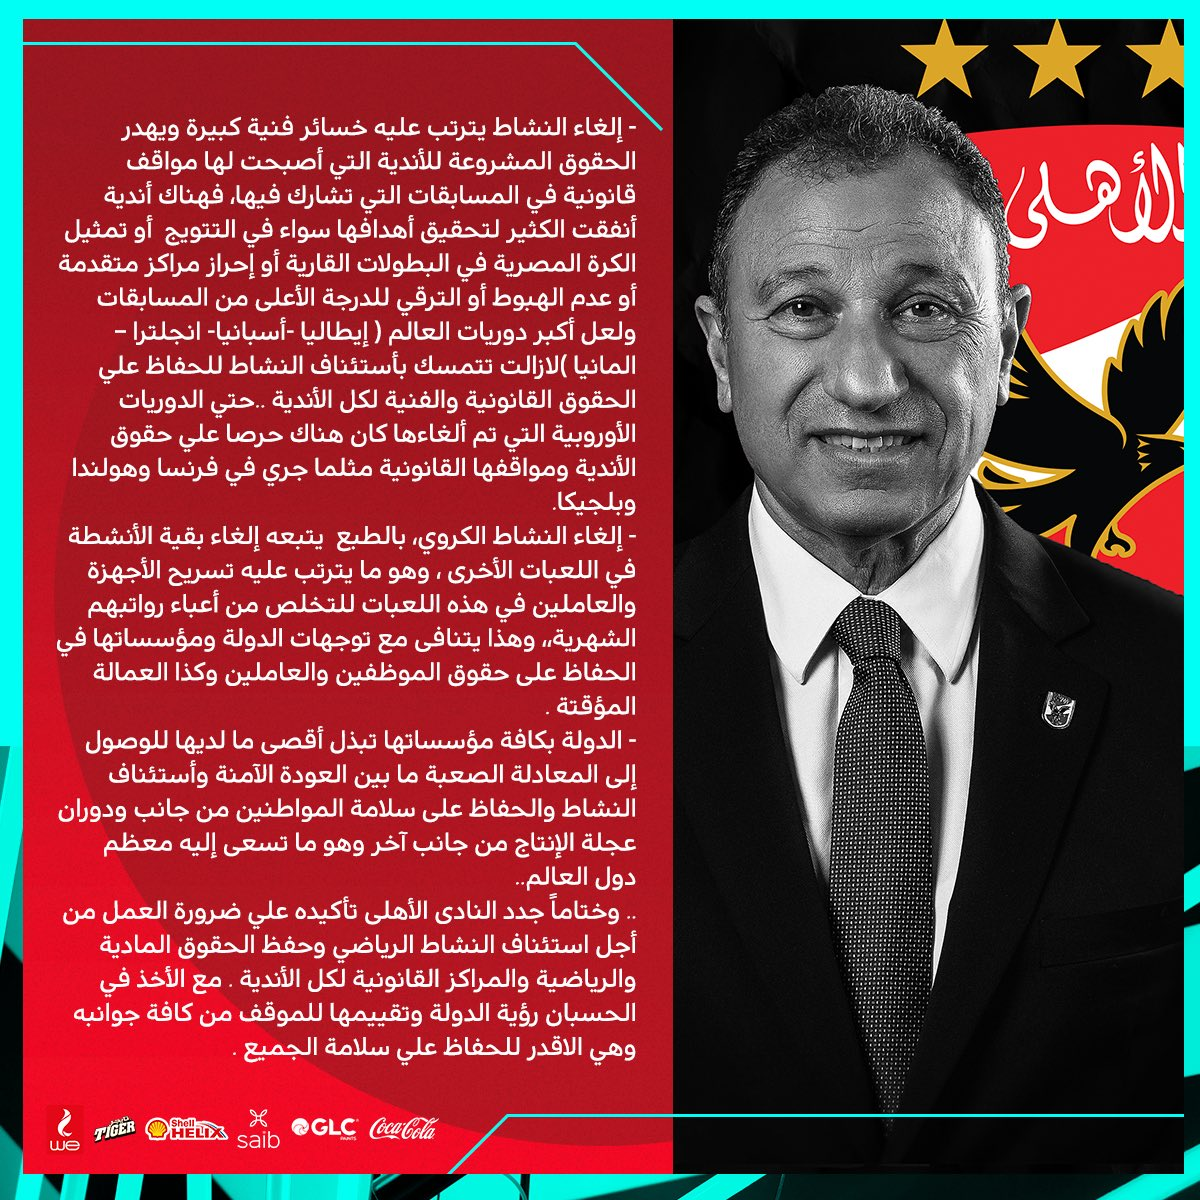 بيان الأهلي بشأن استئناف الدوري المصري وعودة النشاط الرياضي 2